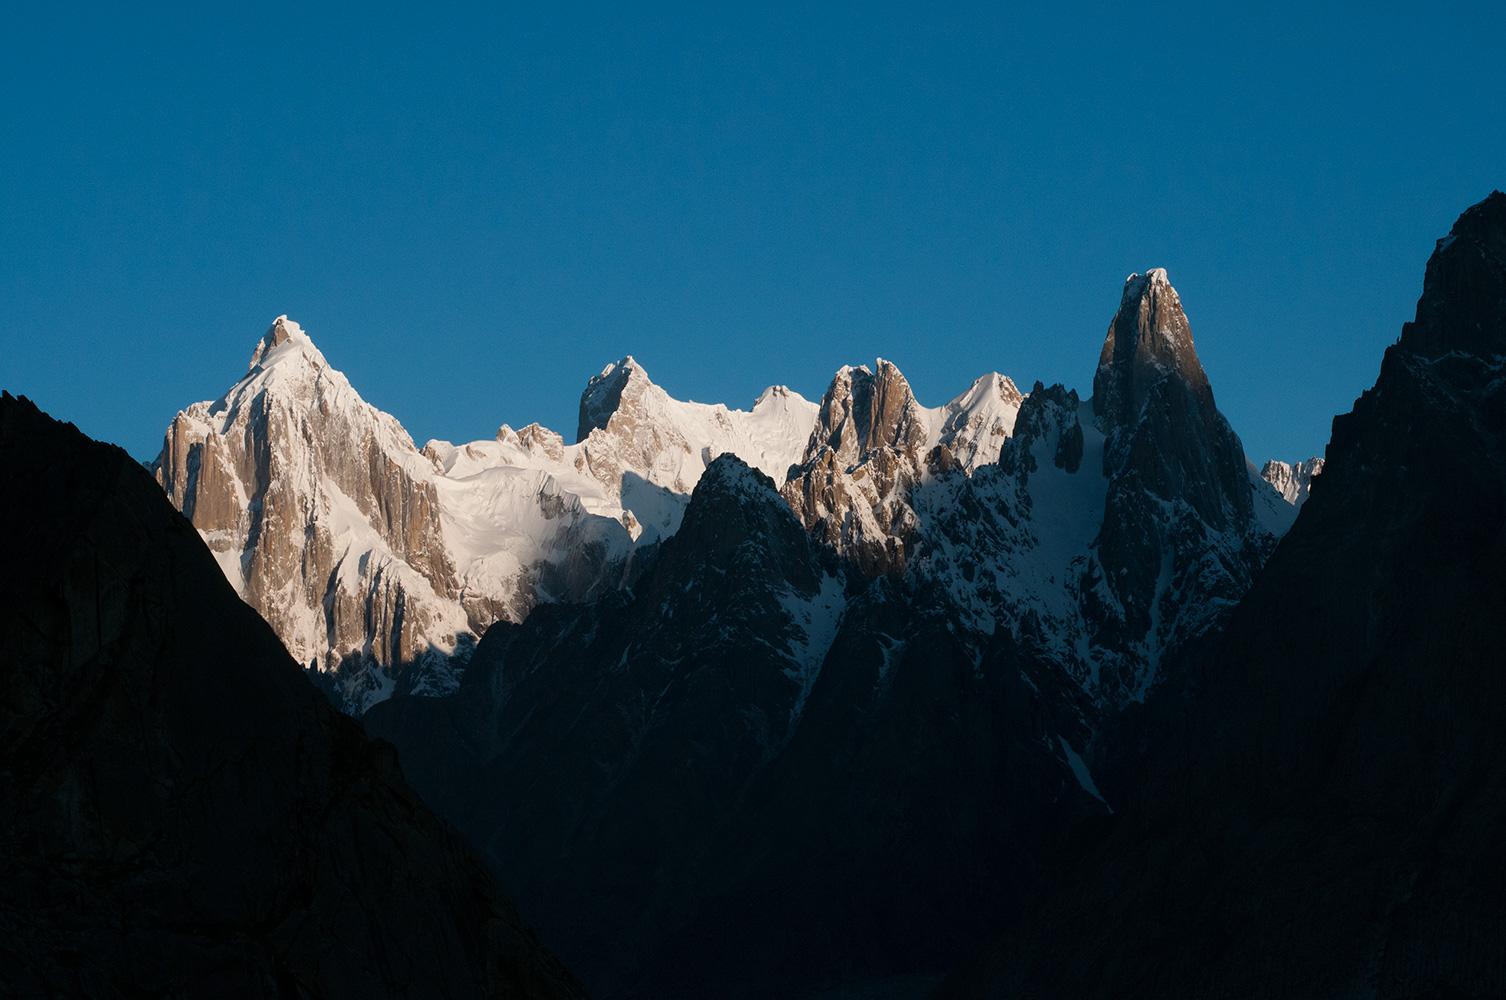 L to R; Paiju Peak, Choricho, Pt 6012, Hainablak & Uli Biaho